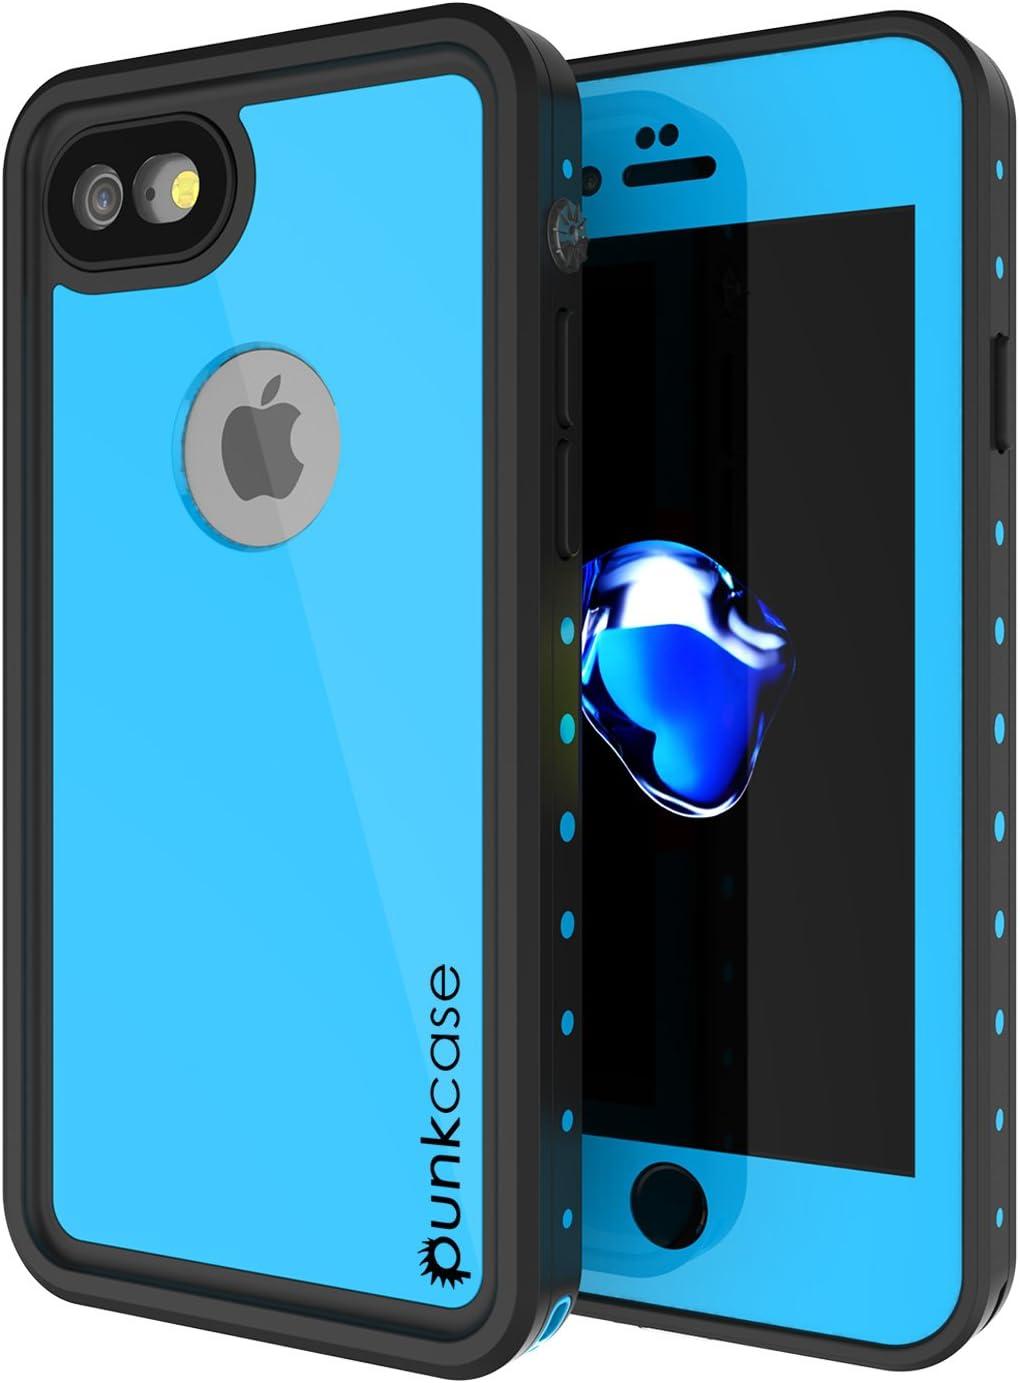 iPhone 7 Waterproof Case, Punkcase [StudStar Series] [Slim Fit] [IP68 Certified] [Shockproof] [Dirtproof] [Snowproof] Armor Cover for Apple iPhone 8 & 7 [Light Blue]